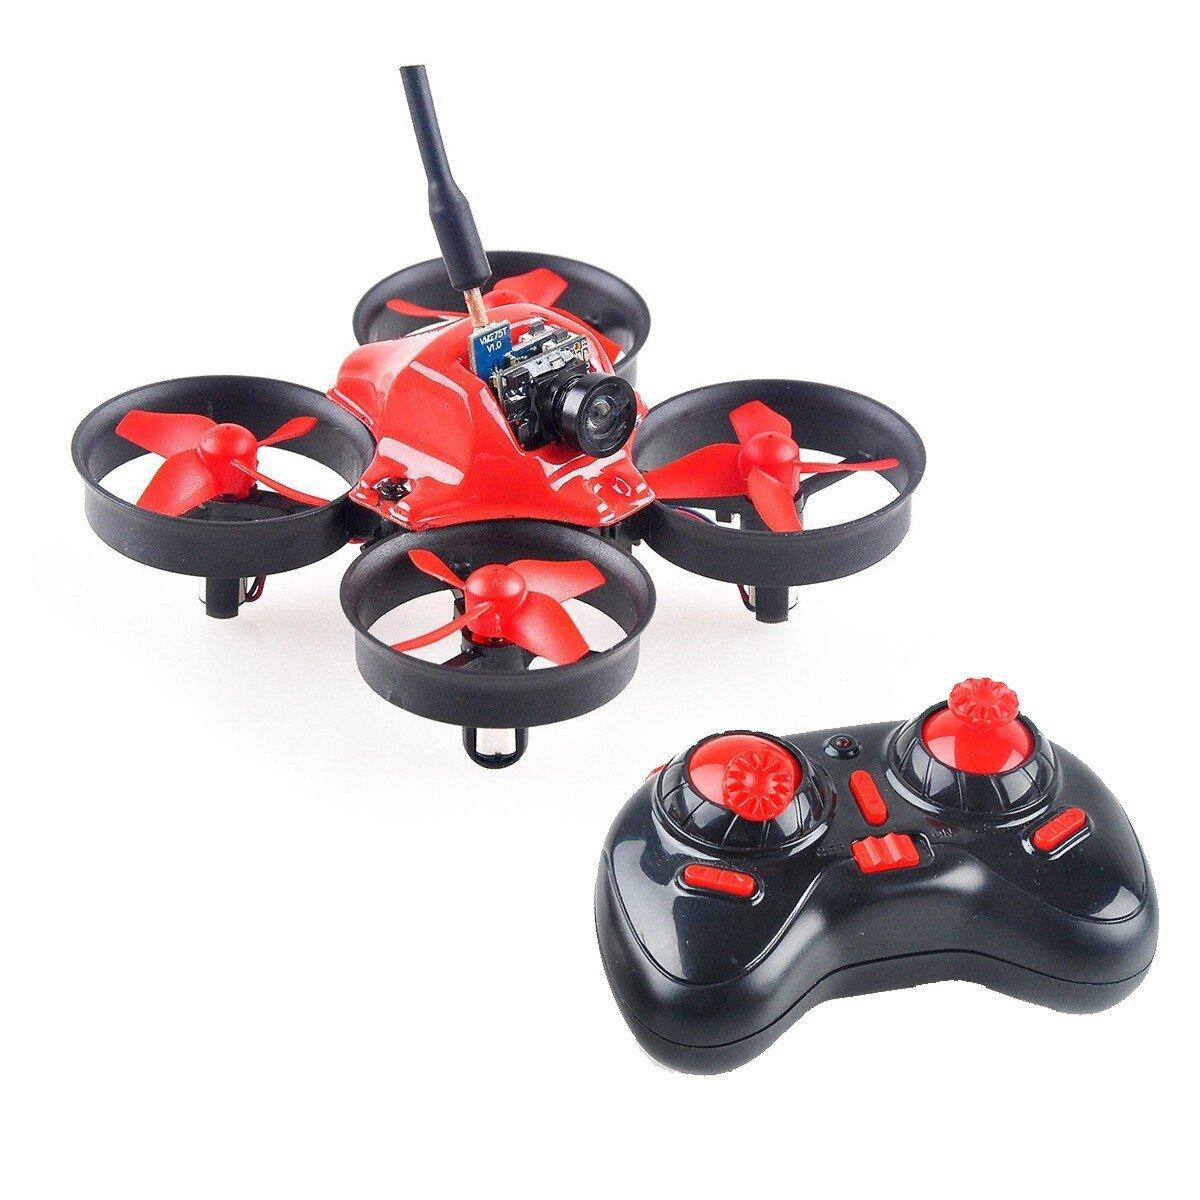 Aerix nano FPV drone with controller